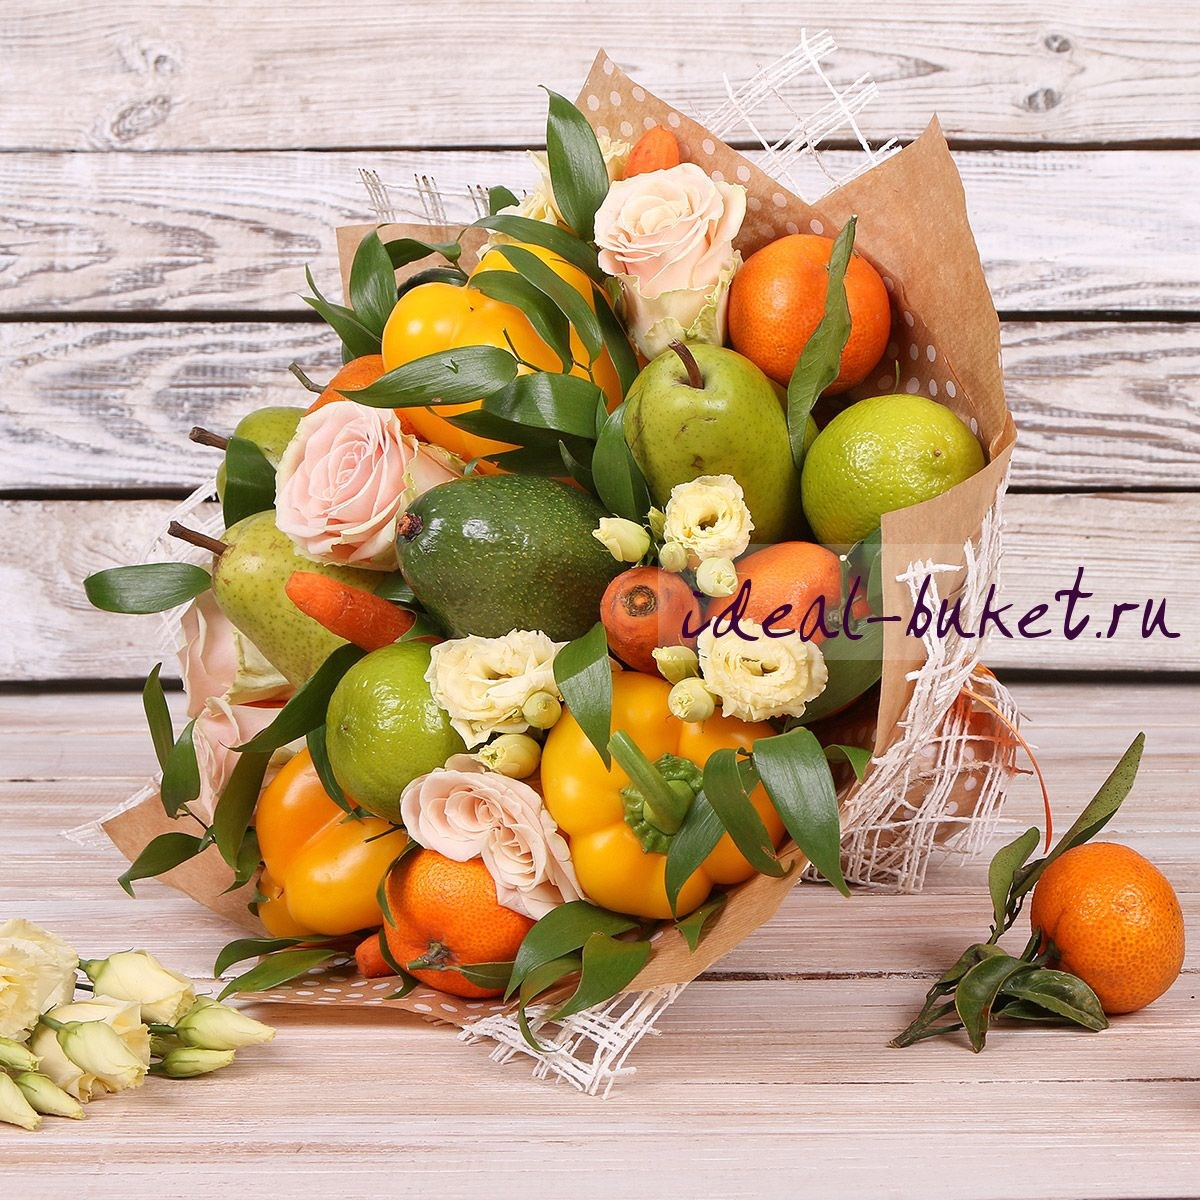 Как сделать букет из фруктов и овощей своими руками 115